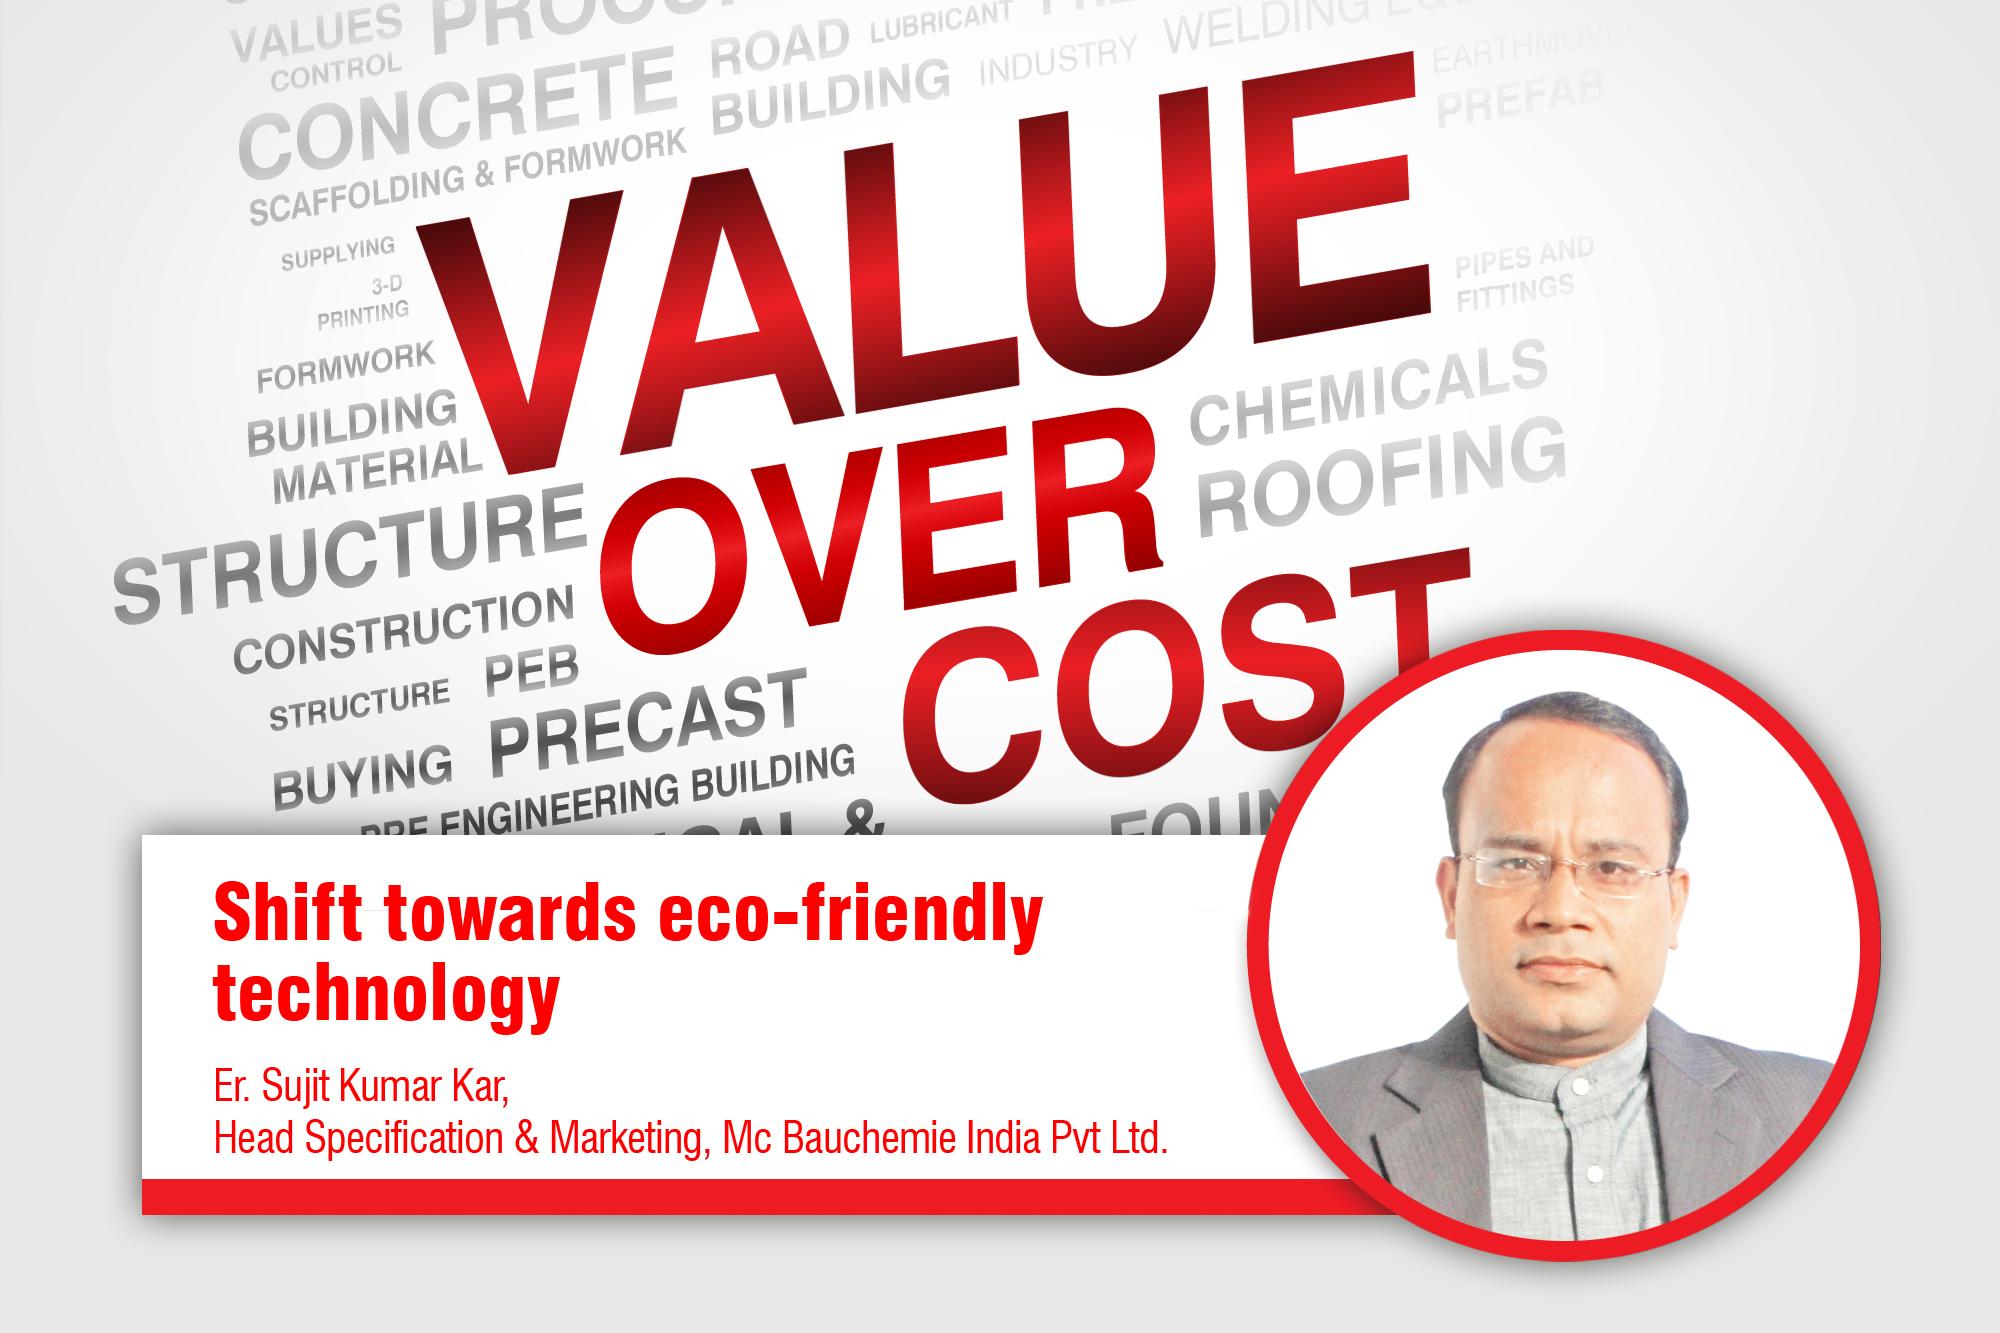 Shift towards eco-friendly technology